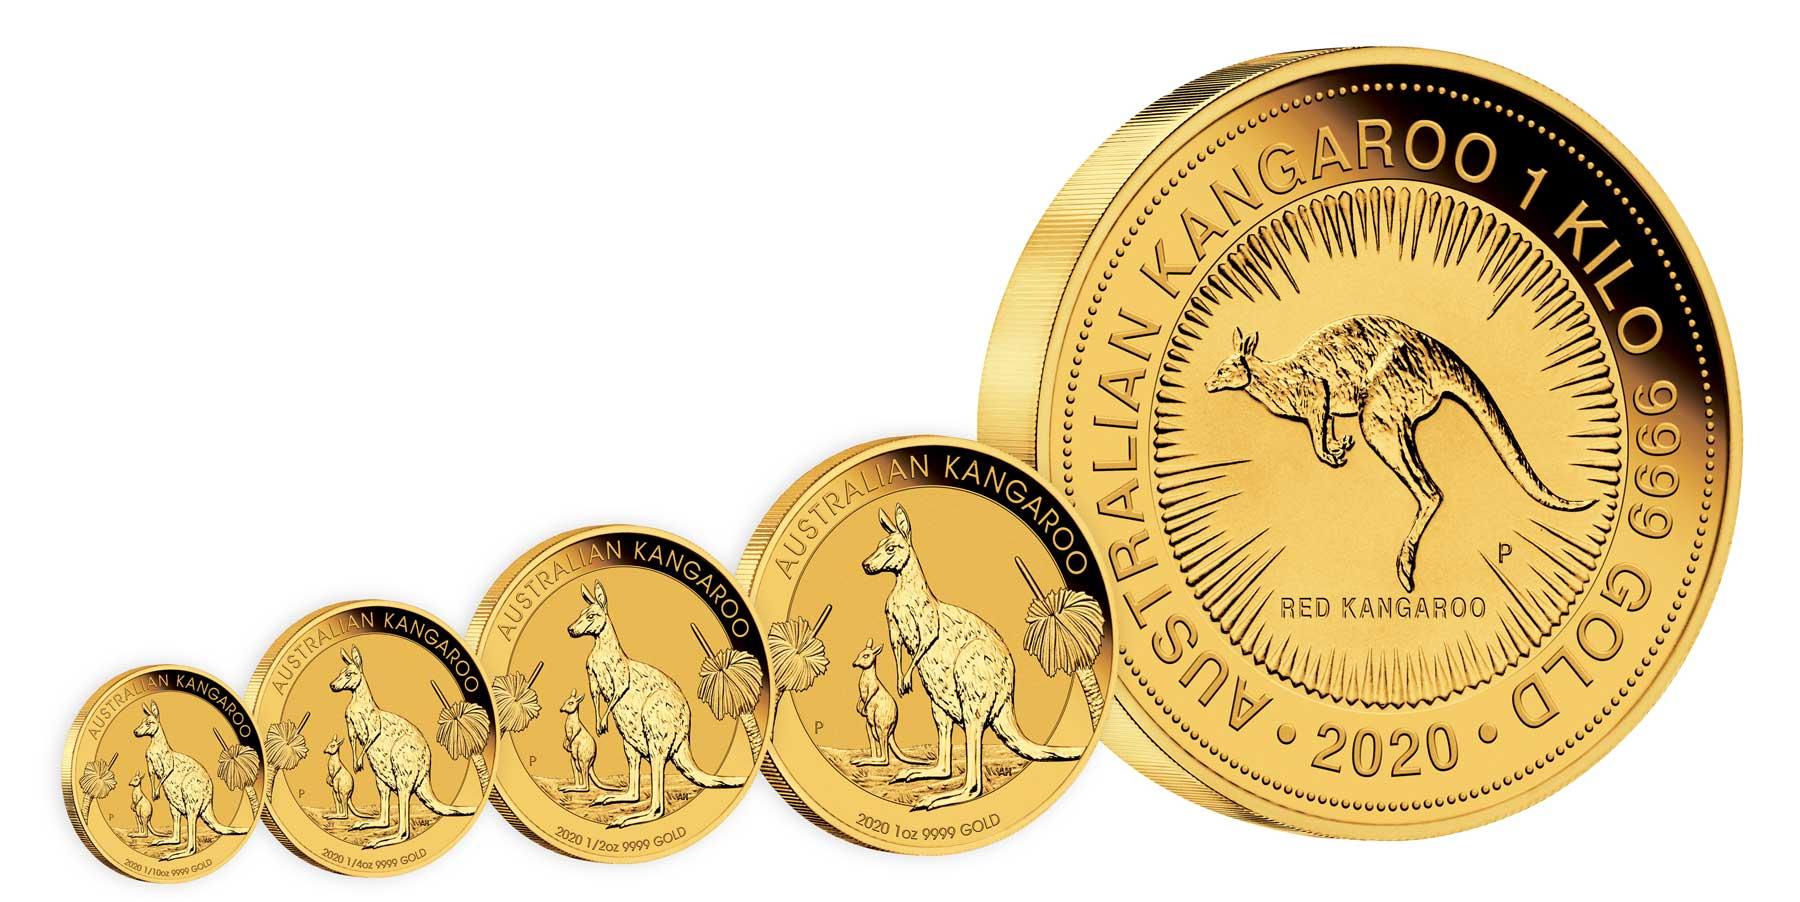 Série de pièces d'or au Kangourou : des pièces d'1/10eme d'once au Kilo...